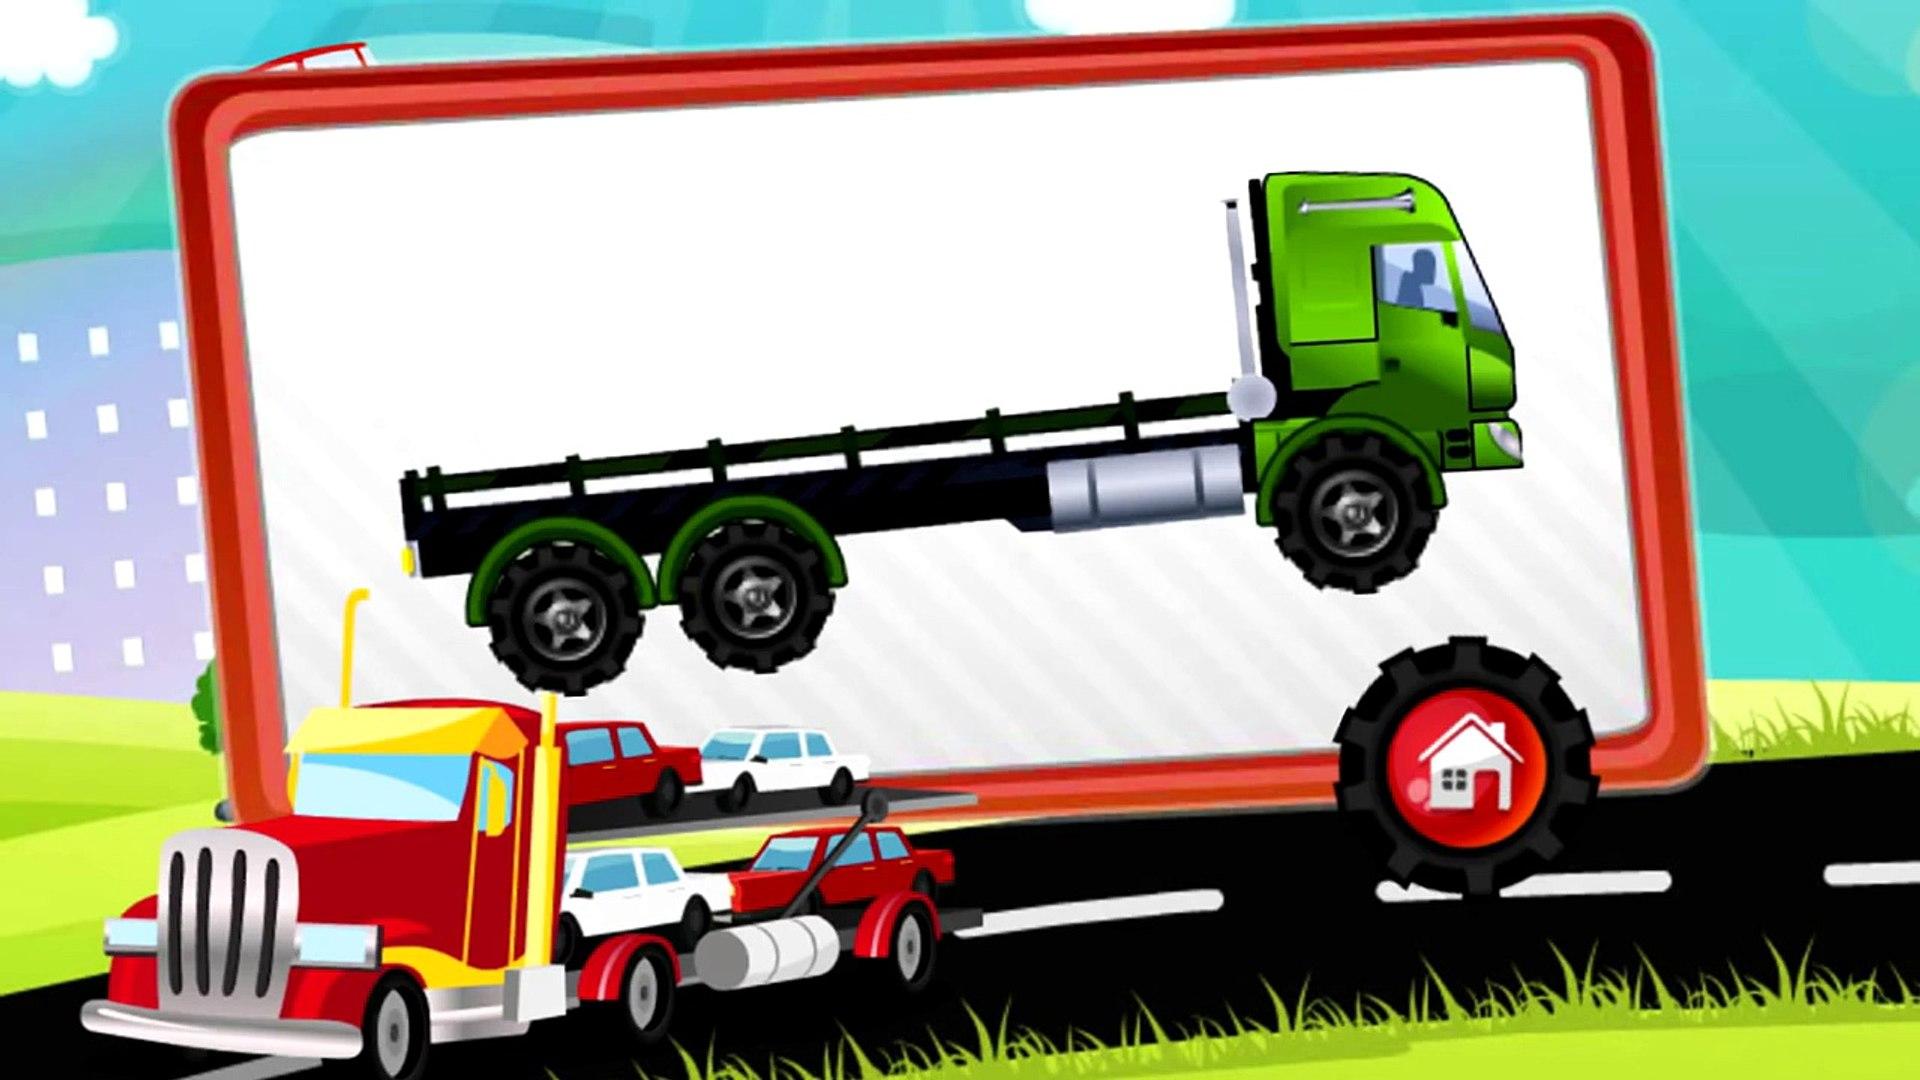 Транспортеры мультик инструкции для транспортерщика элеватора